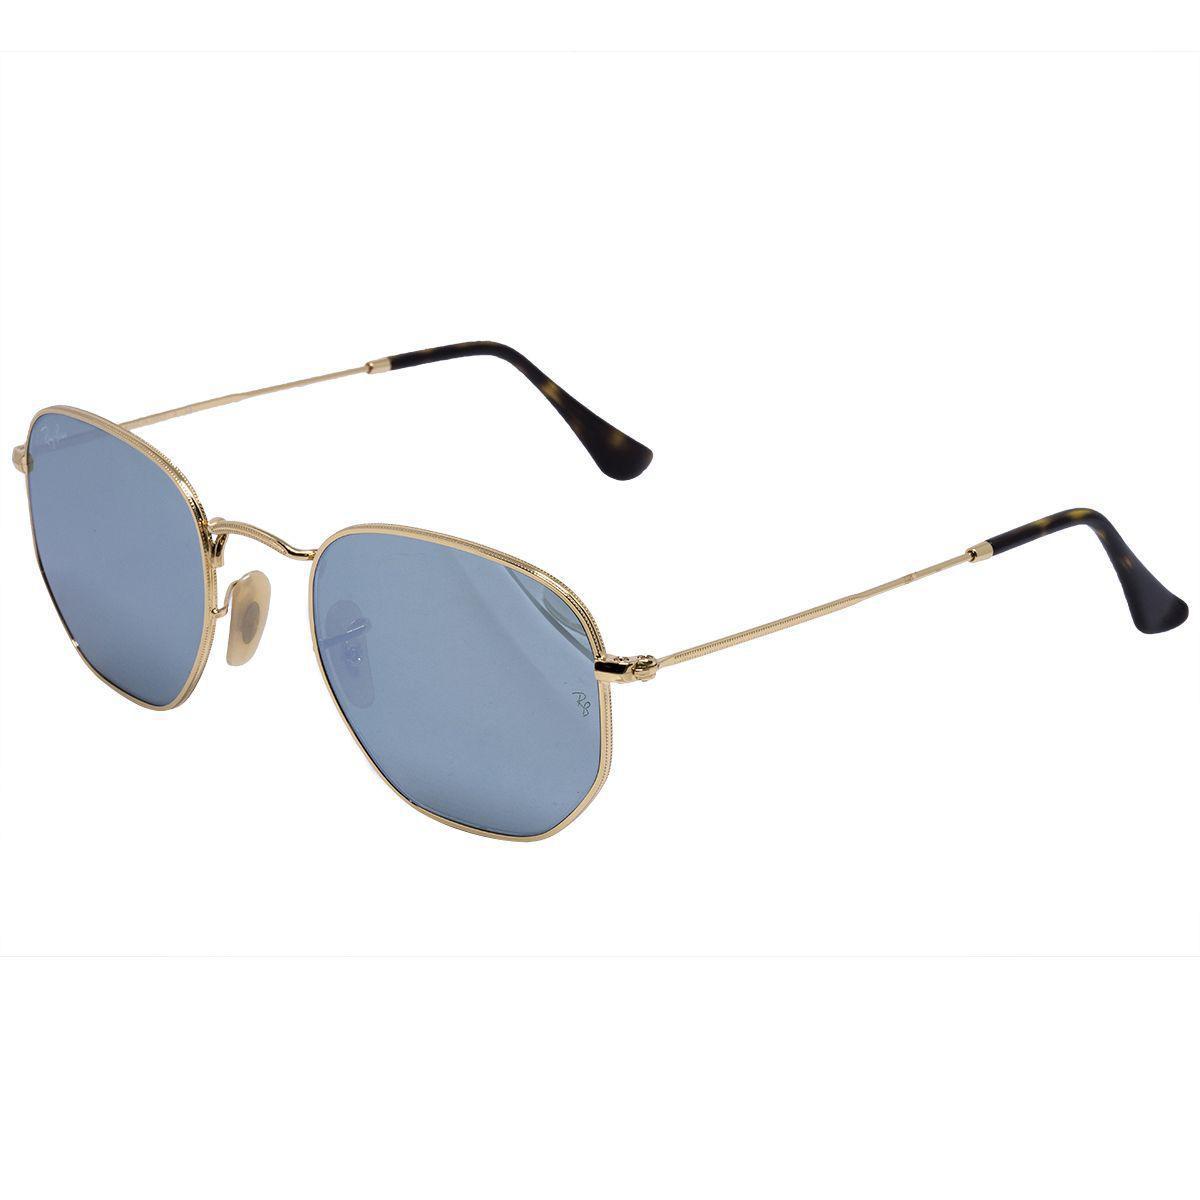 Óculos de Sol Ray Ban Hexagonal Gold RB3548N - metal dourado, lente azul espelhada  R  600,00 à vista. Adicionar à sacola 5098c3ef89